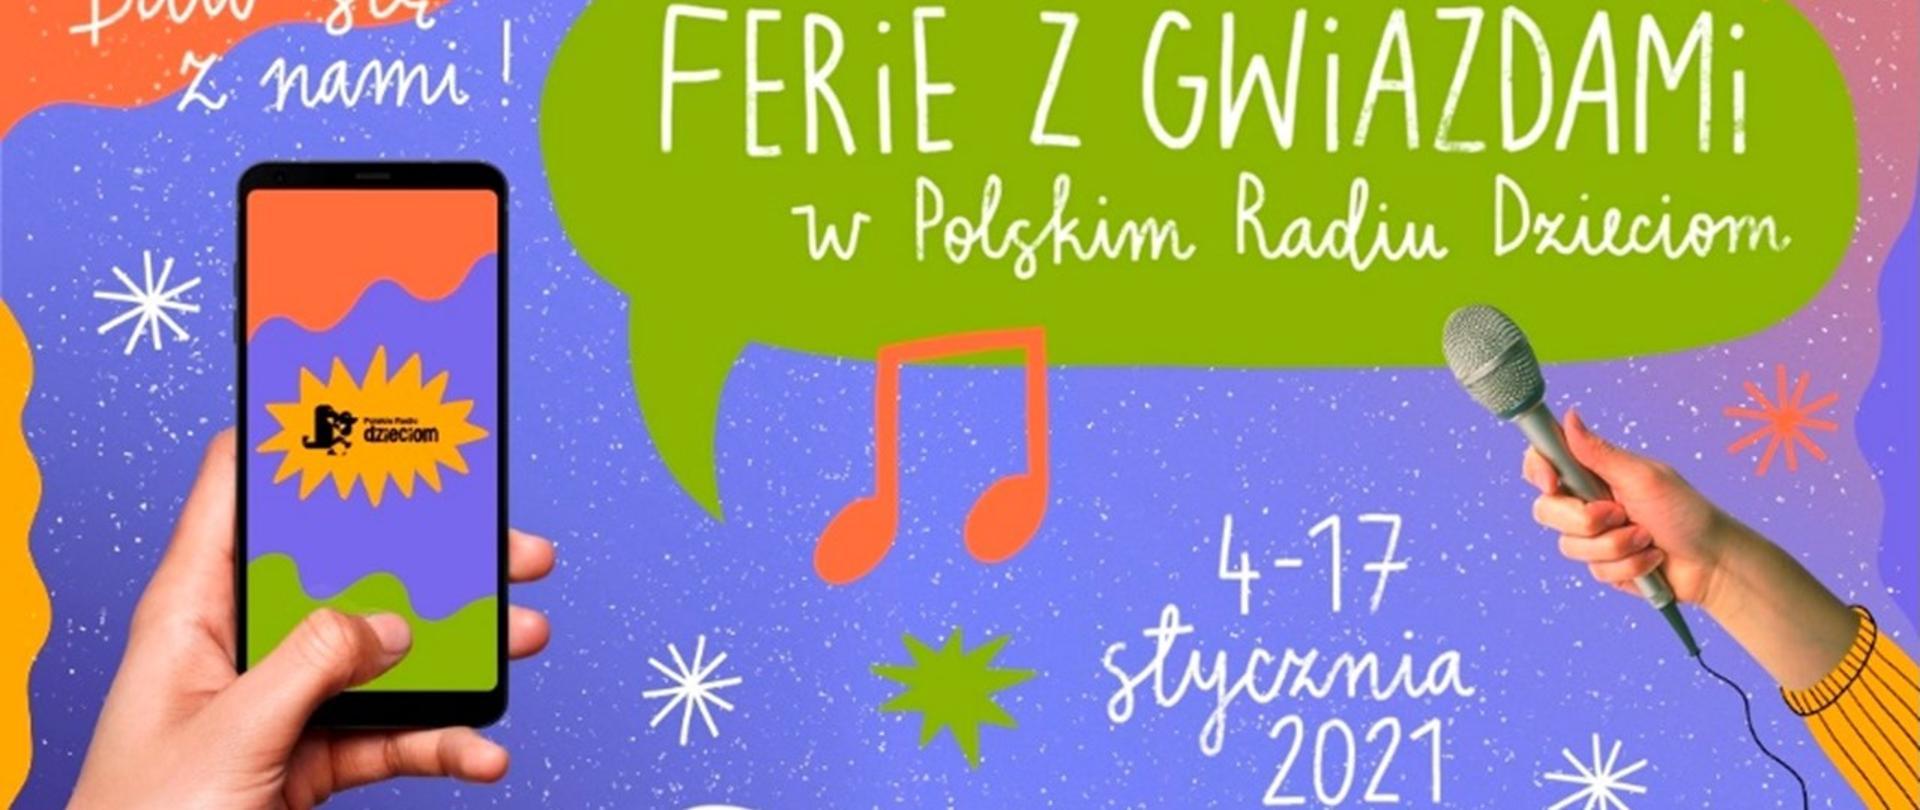 Baw się znami! Ferie zgwiazdami wPolskim Radiu Dzieciom 4-17 stycznia 2021